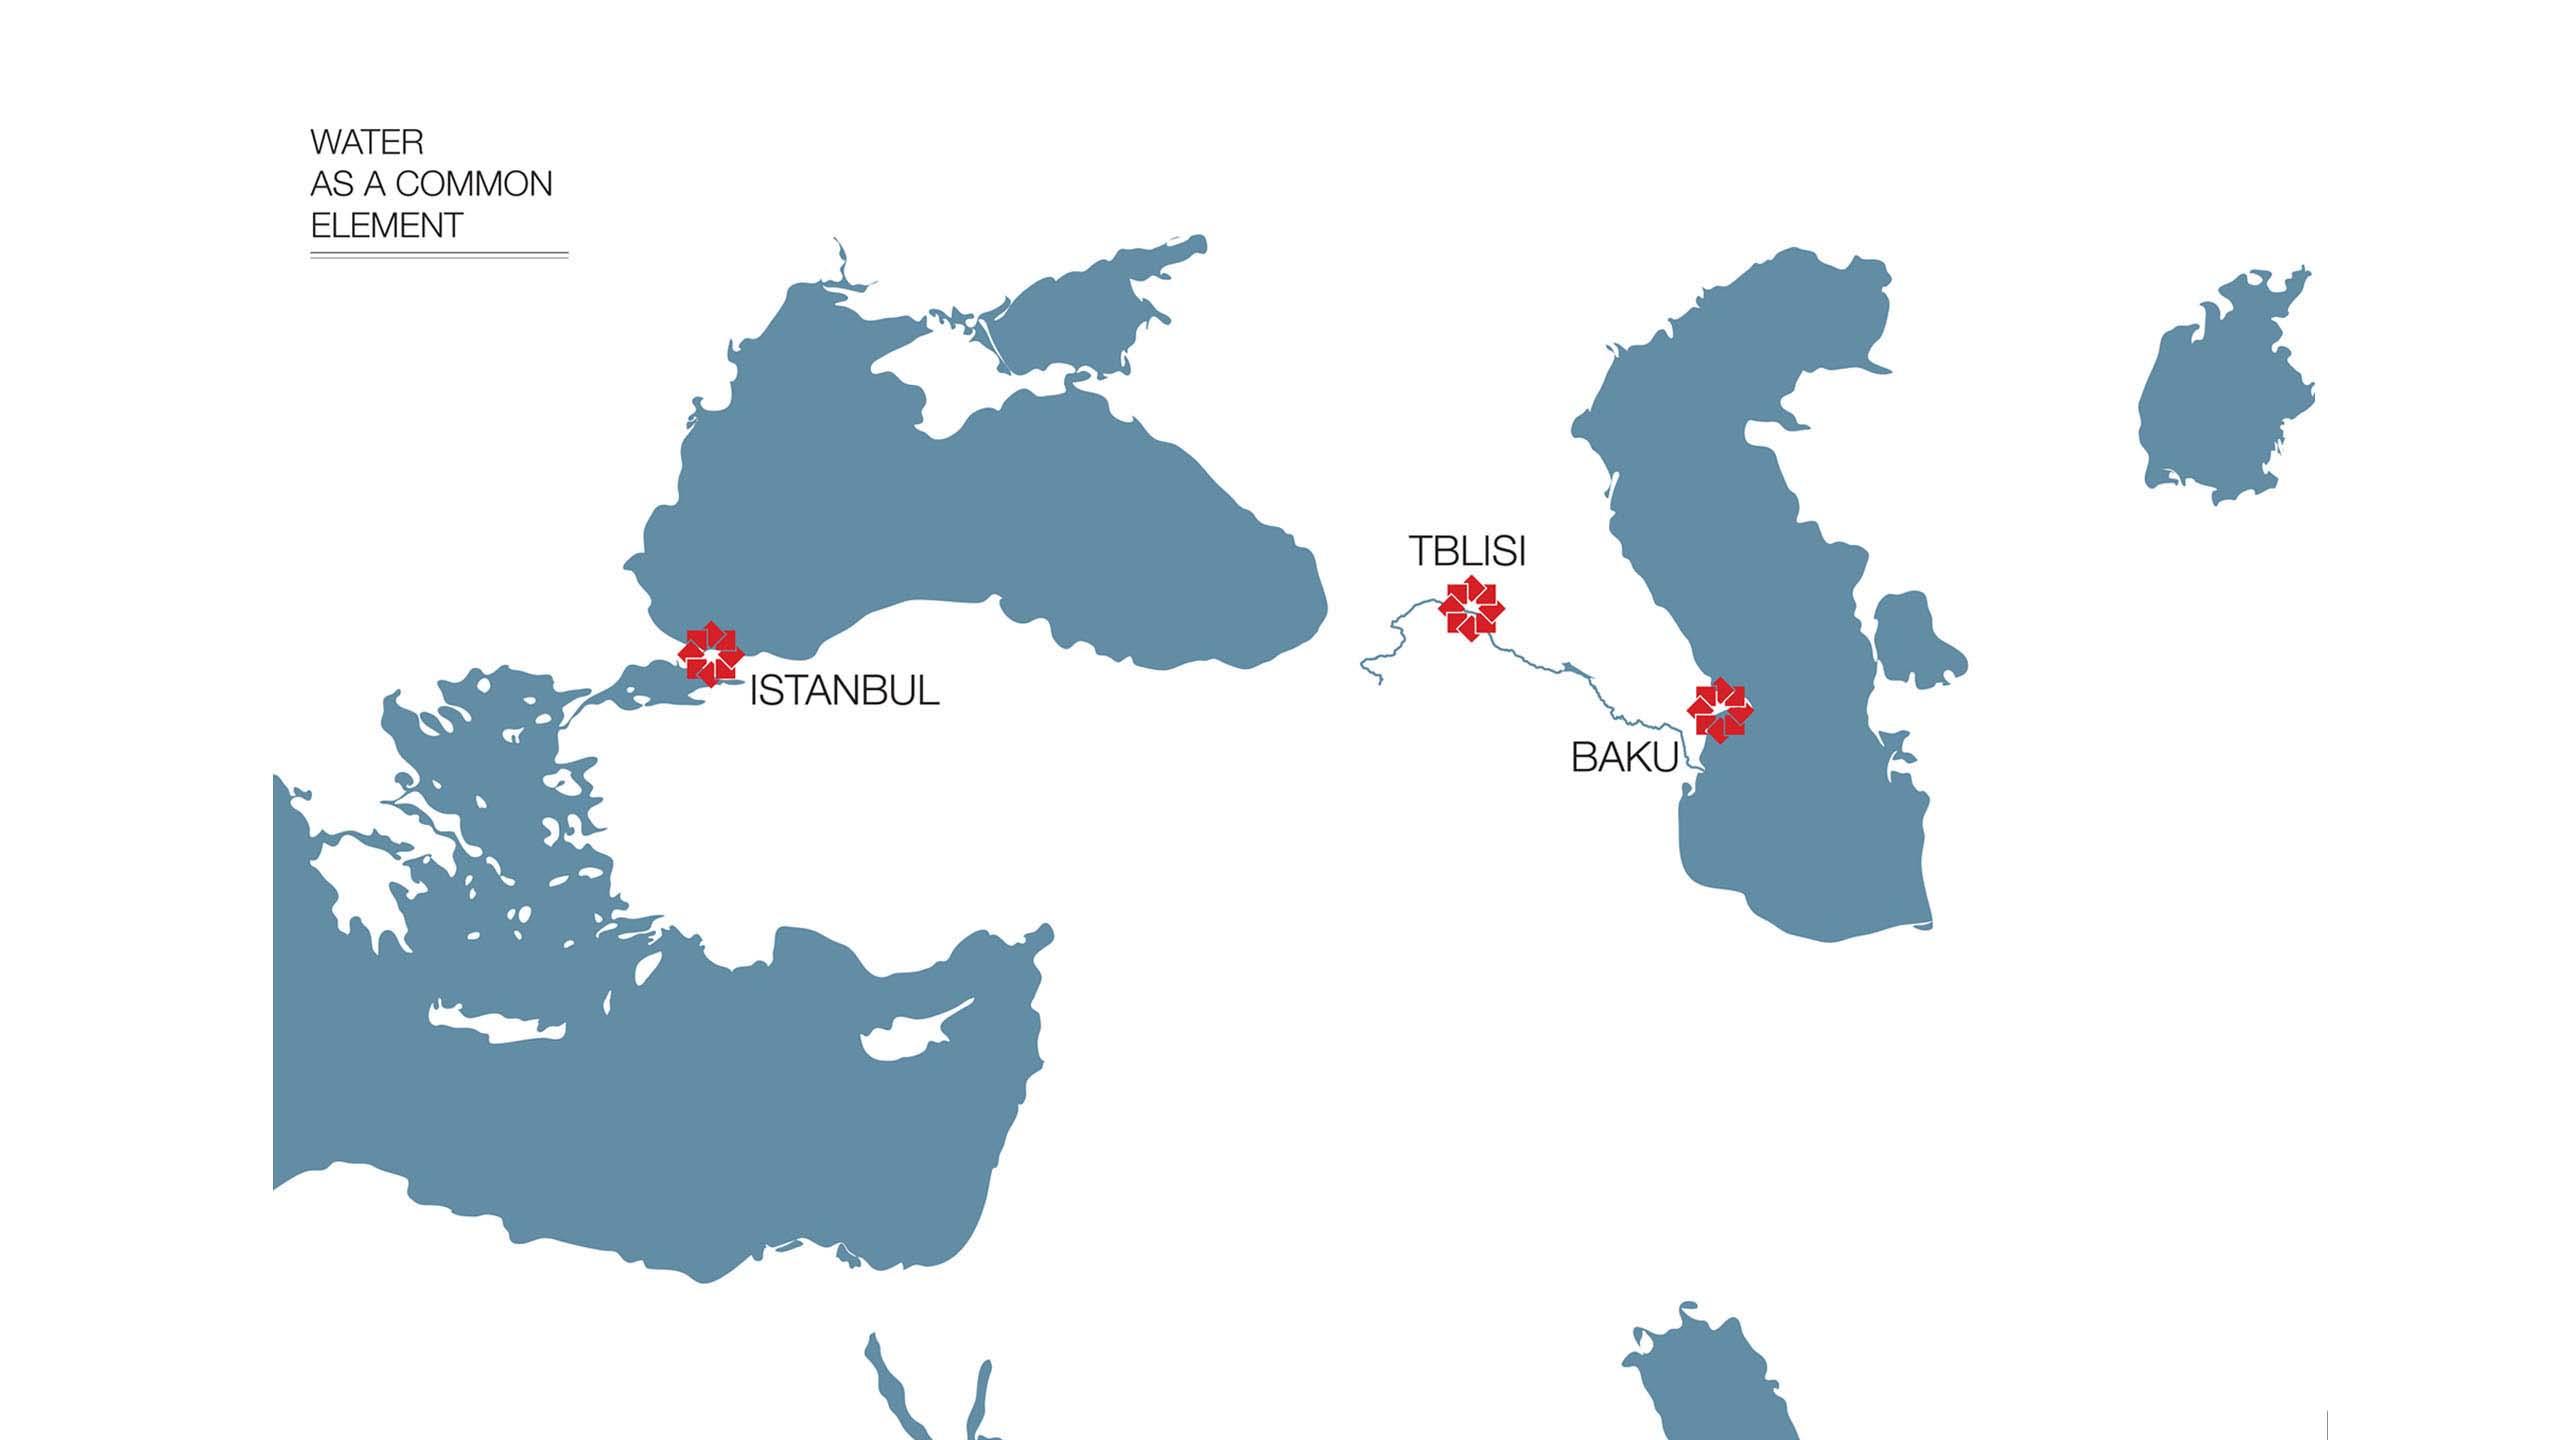 argot-ou-la-maison-mobile-istanbul-branch-bank-1